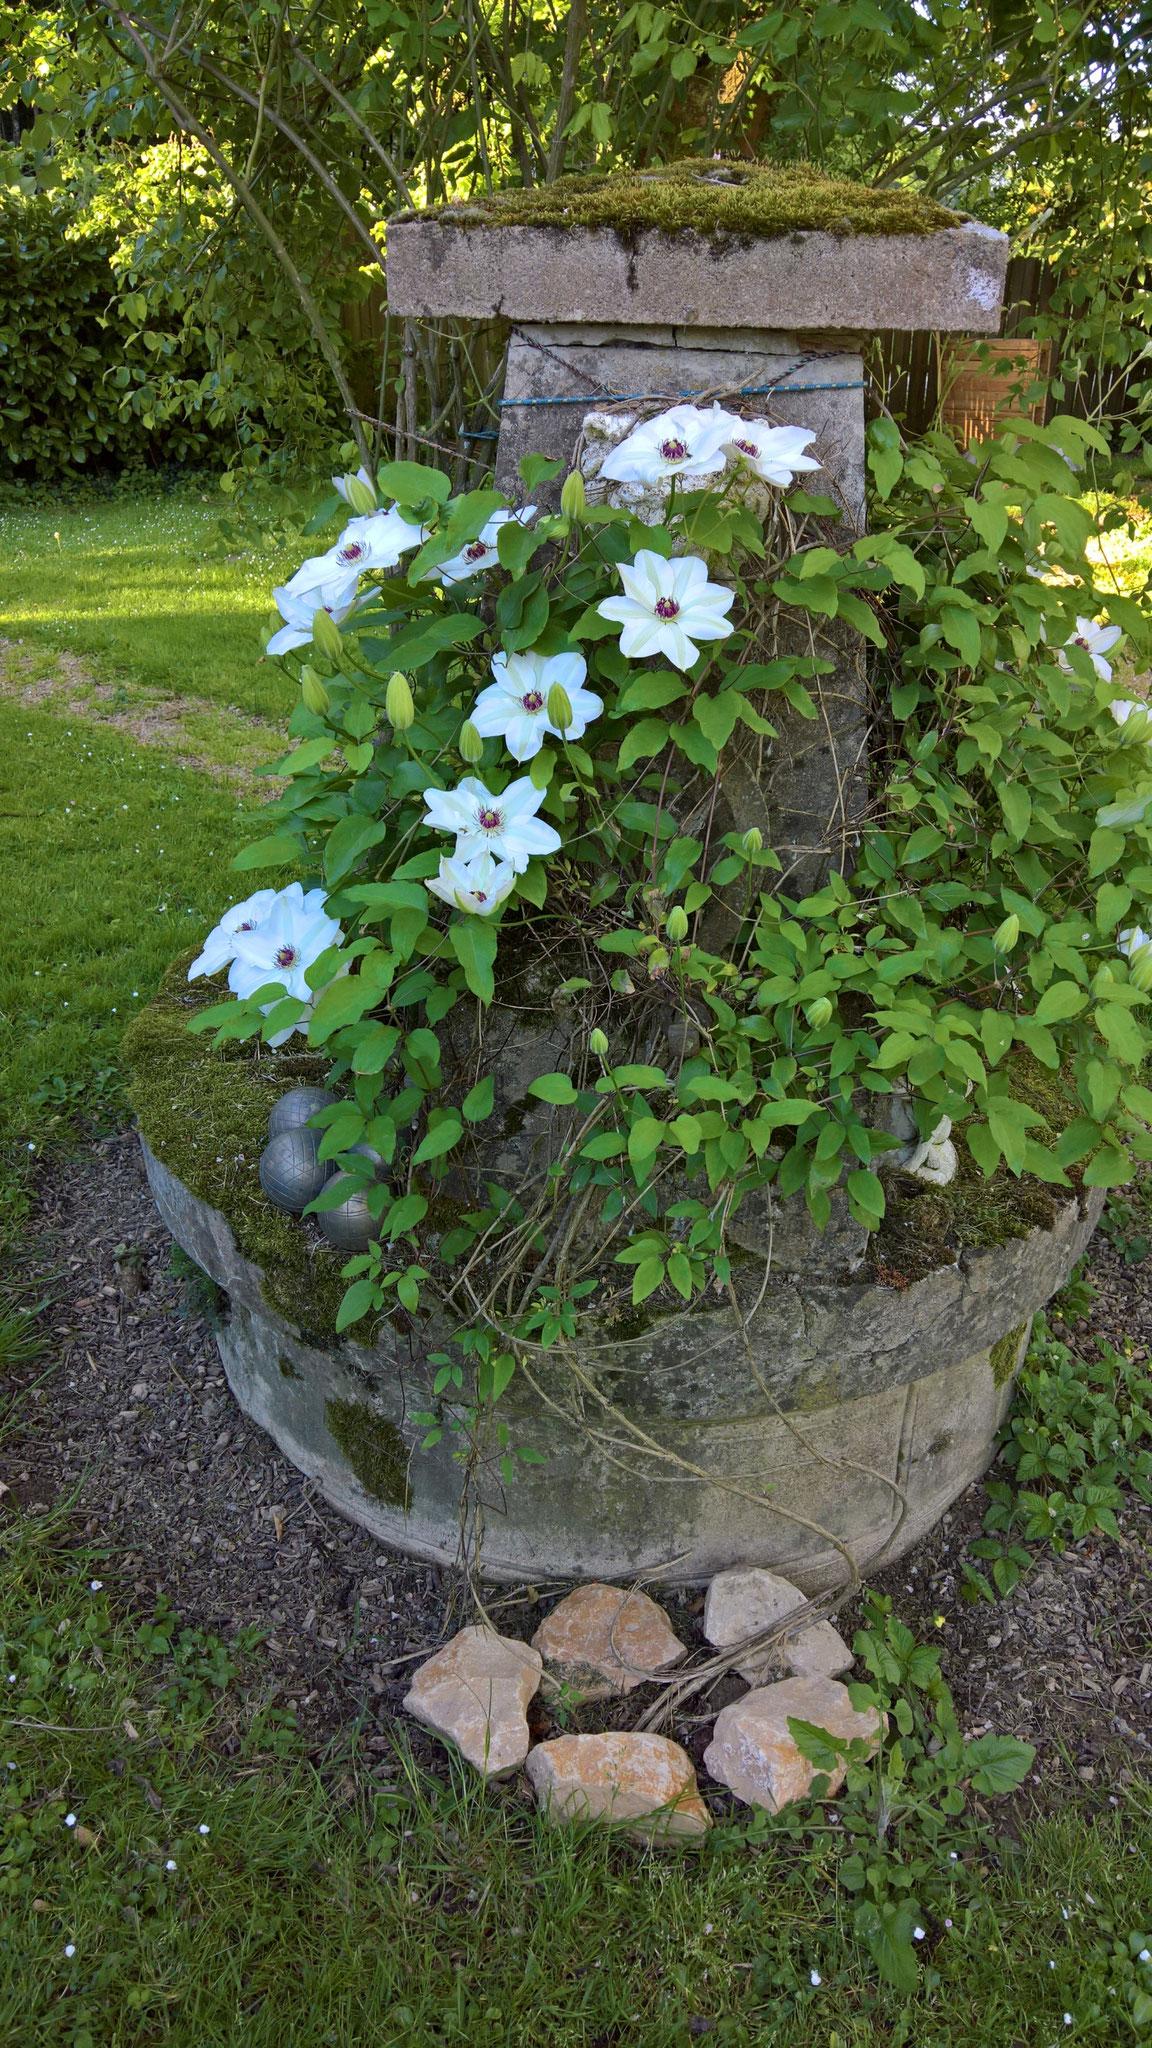 die weisse Clematis am Ziehbrunnen fängt an zu blühen